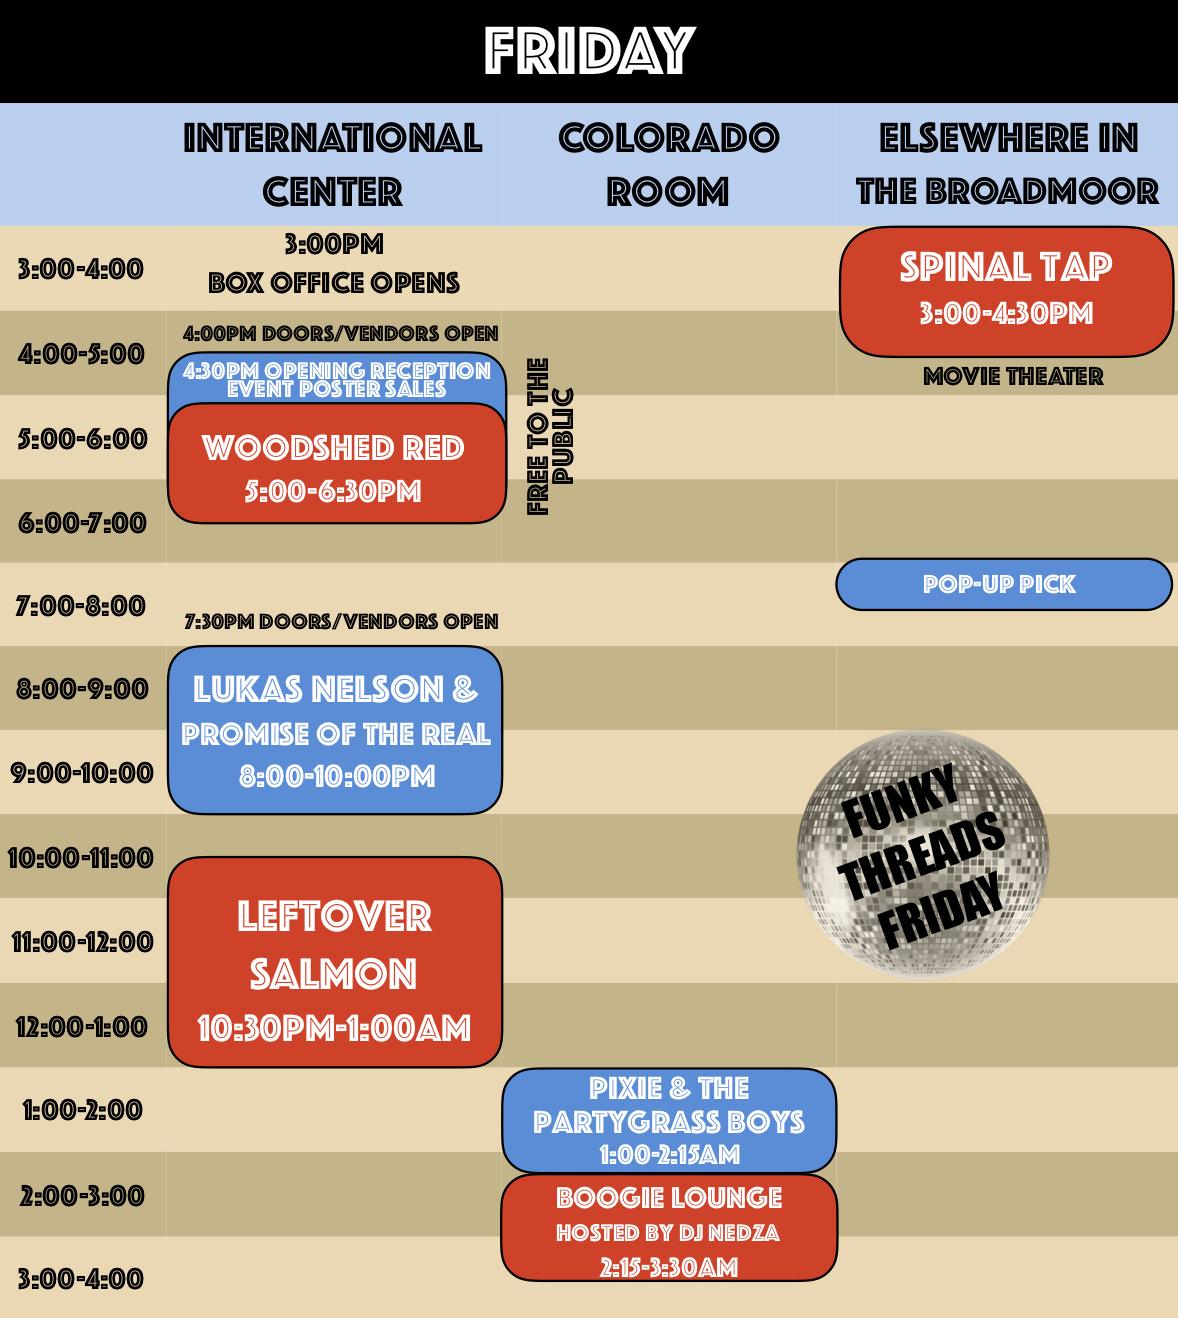 Broadmoor Schedule (FRI) no header.jpg